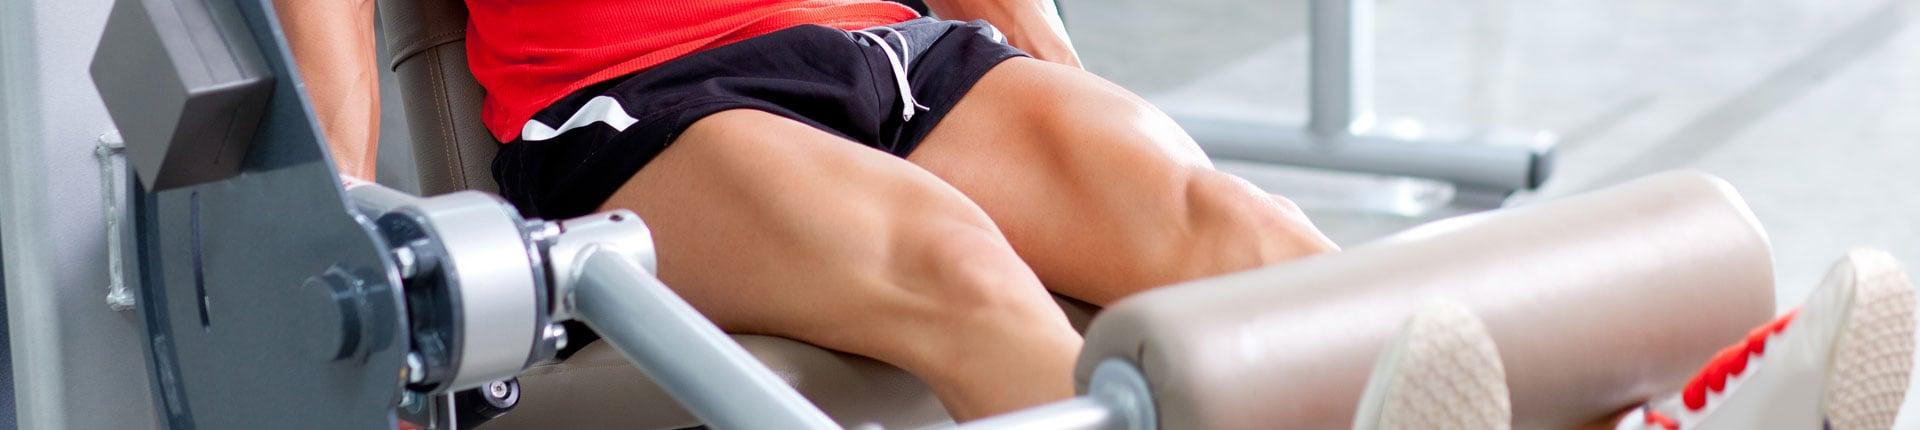 Dlaczego mam chude nogi? Trening na słabo umięśnione nogi